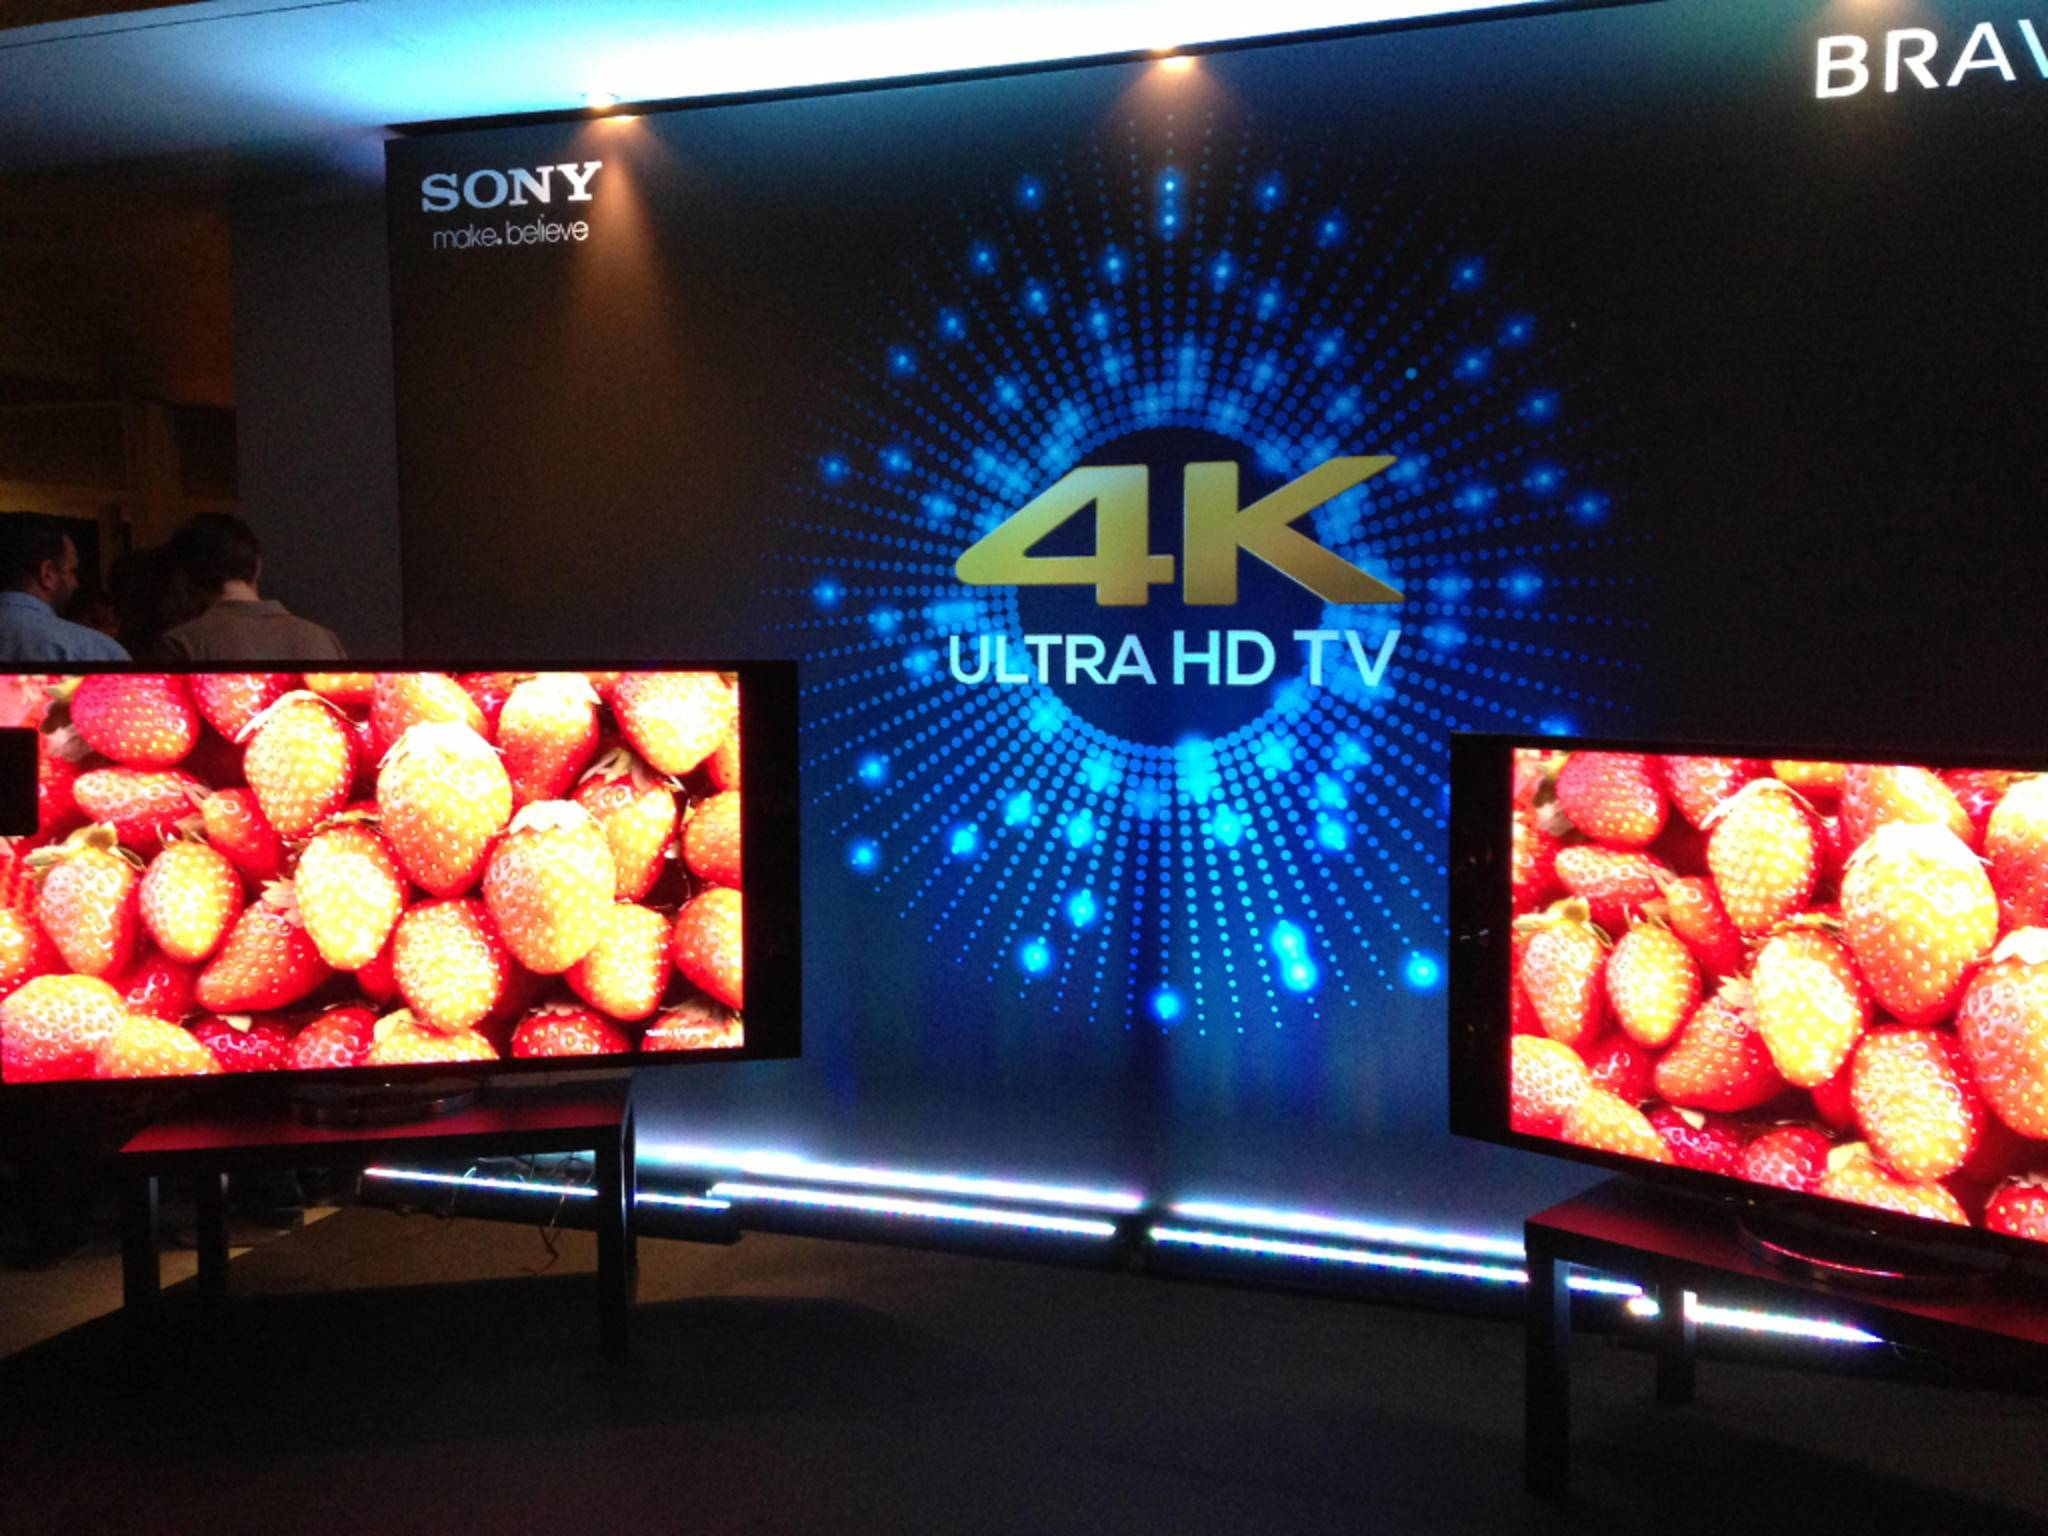 Was bringt 4K Ultra HD im Fernsehalltag wirklich?